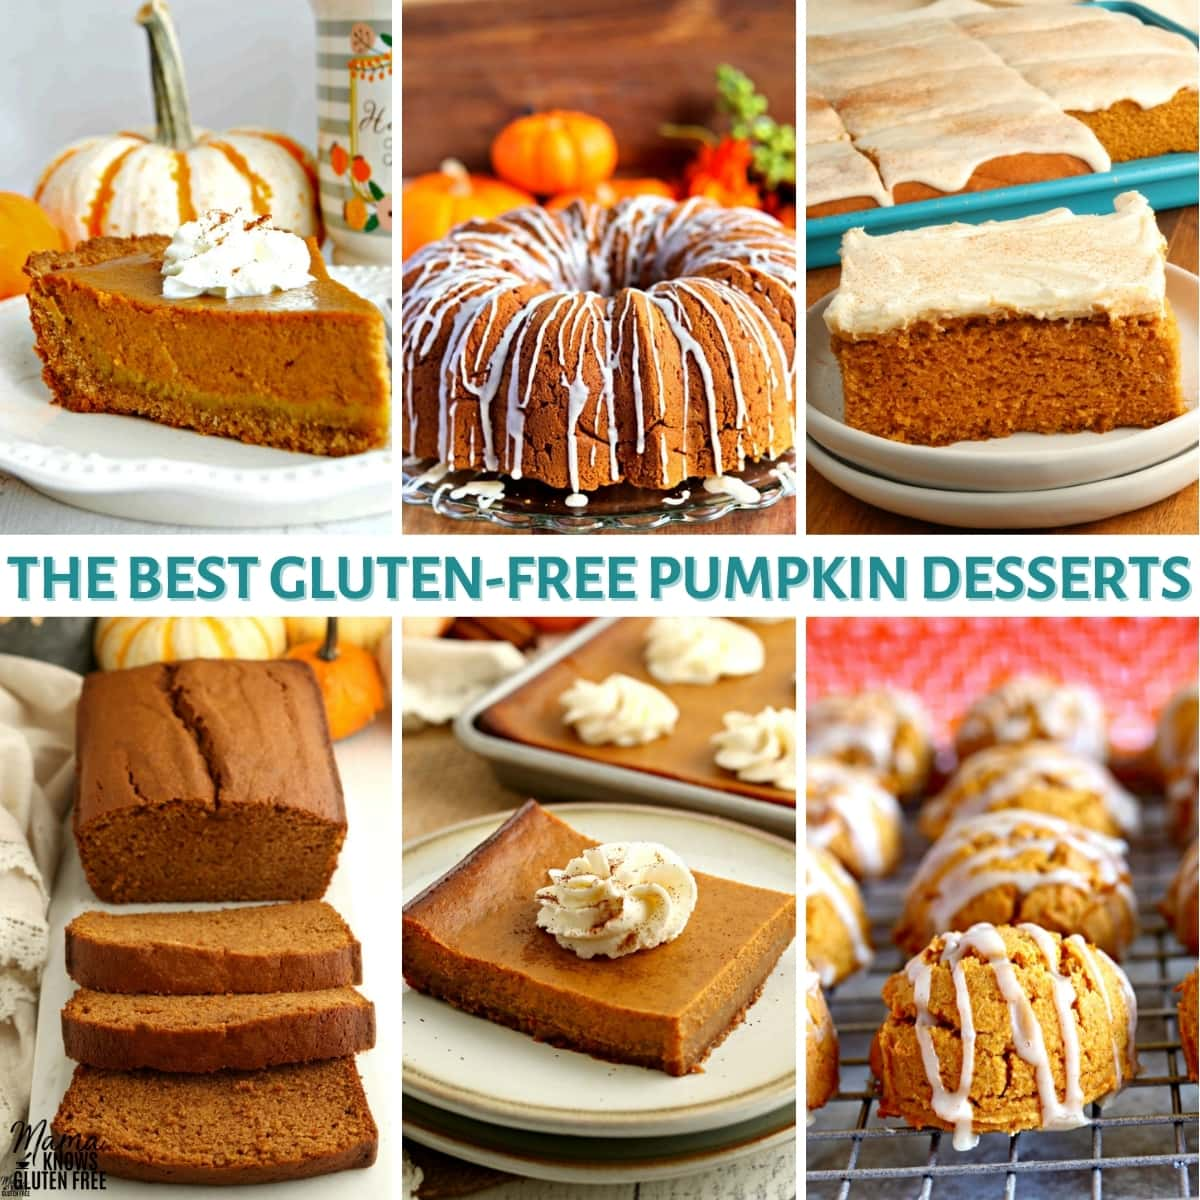 gluten-free pumpkin desserts recipe collage